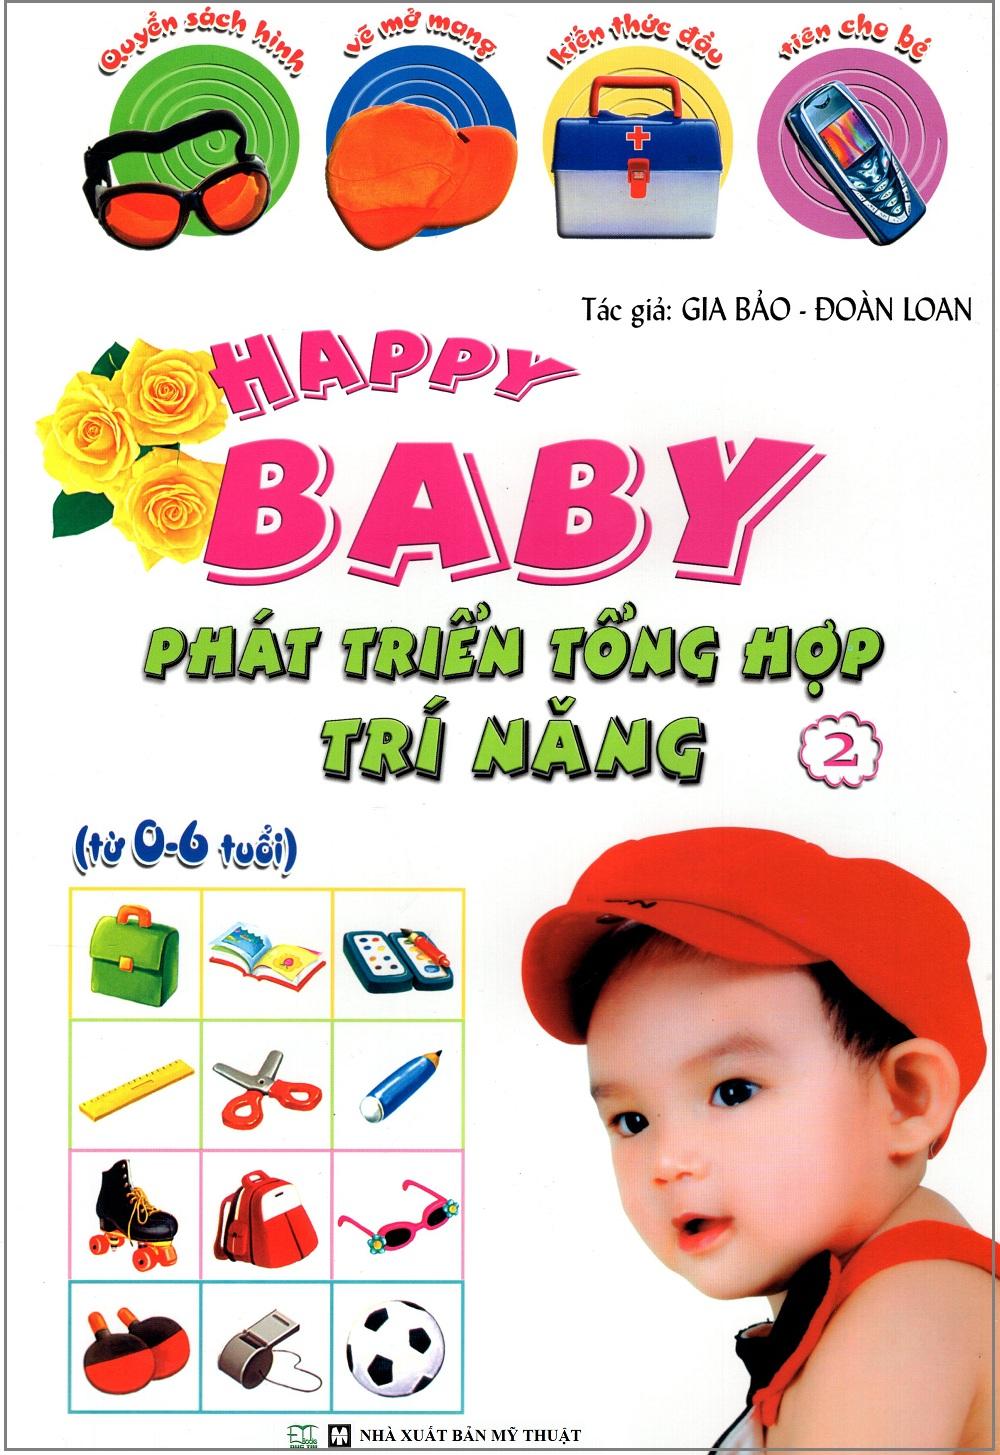 Happy Baby: Phát Triển Tổng Hợp Trí Năng (Tập 2)